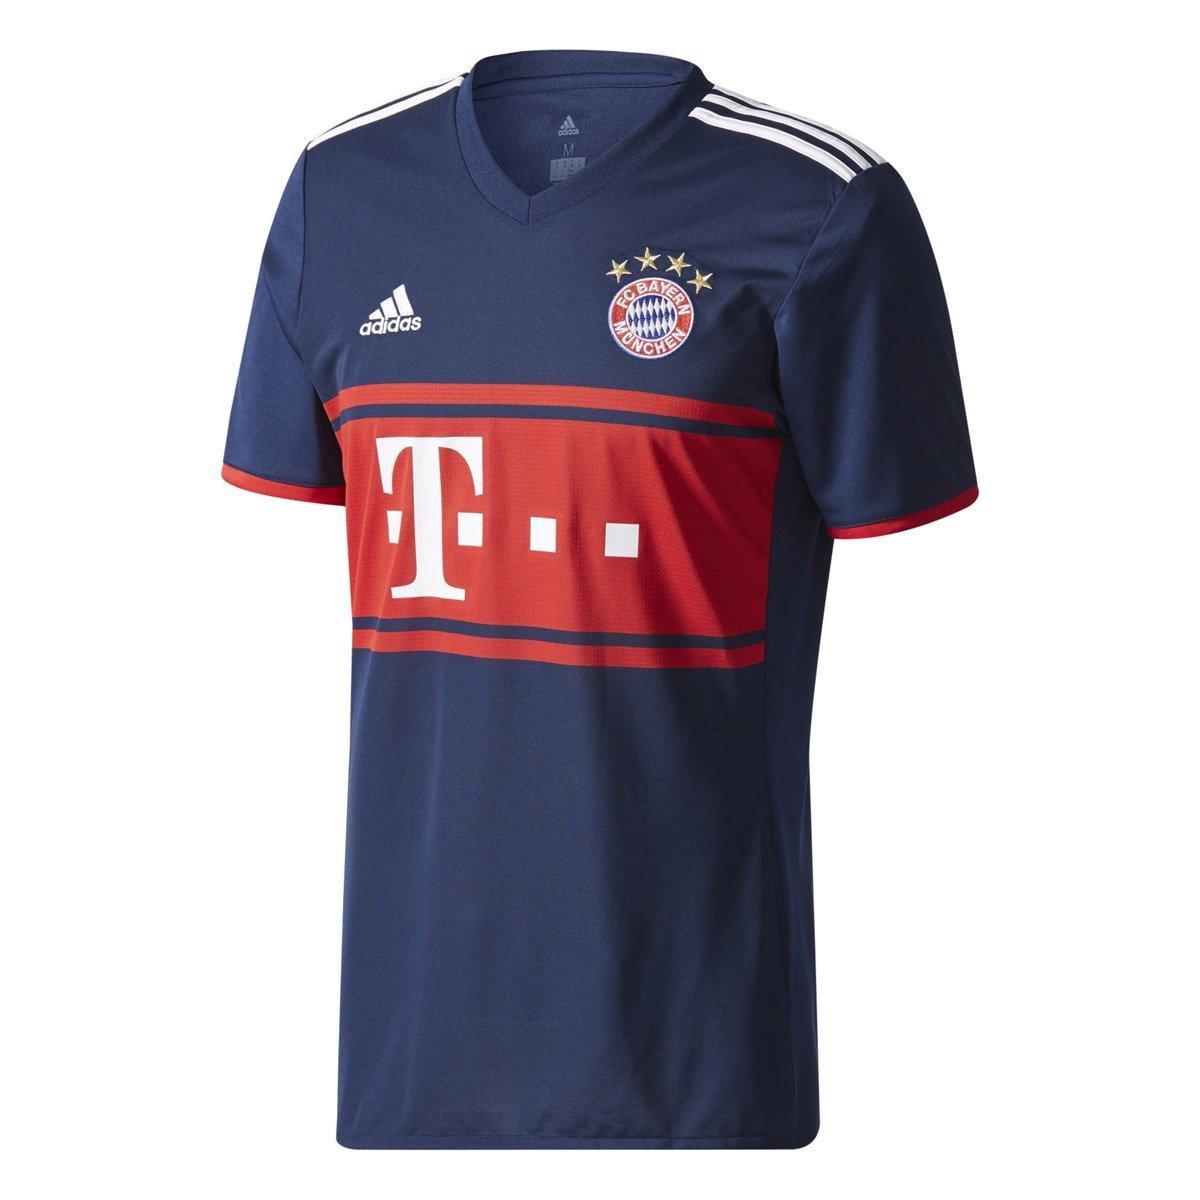 cd4d44810a Camiseta Adidas Bayern de Munique II AZ7937 - Marinho Vermelho ...